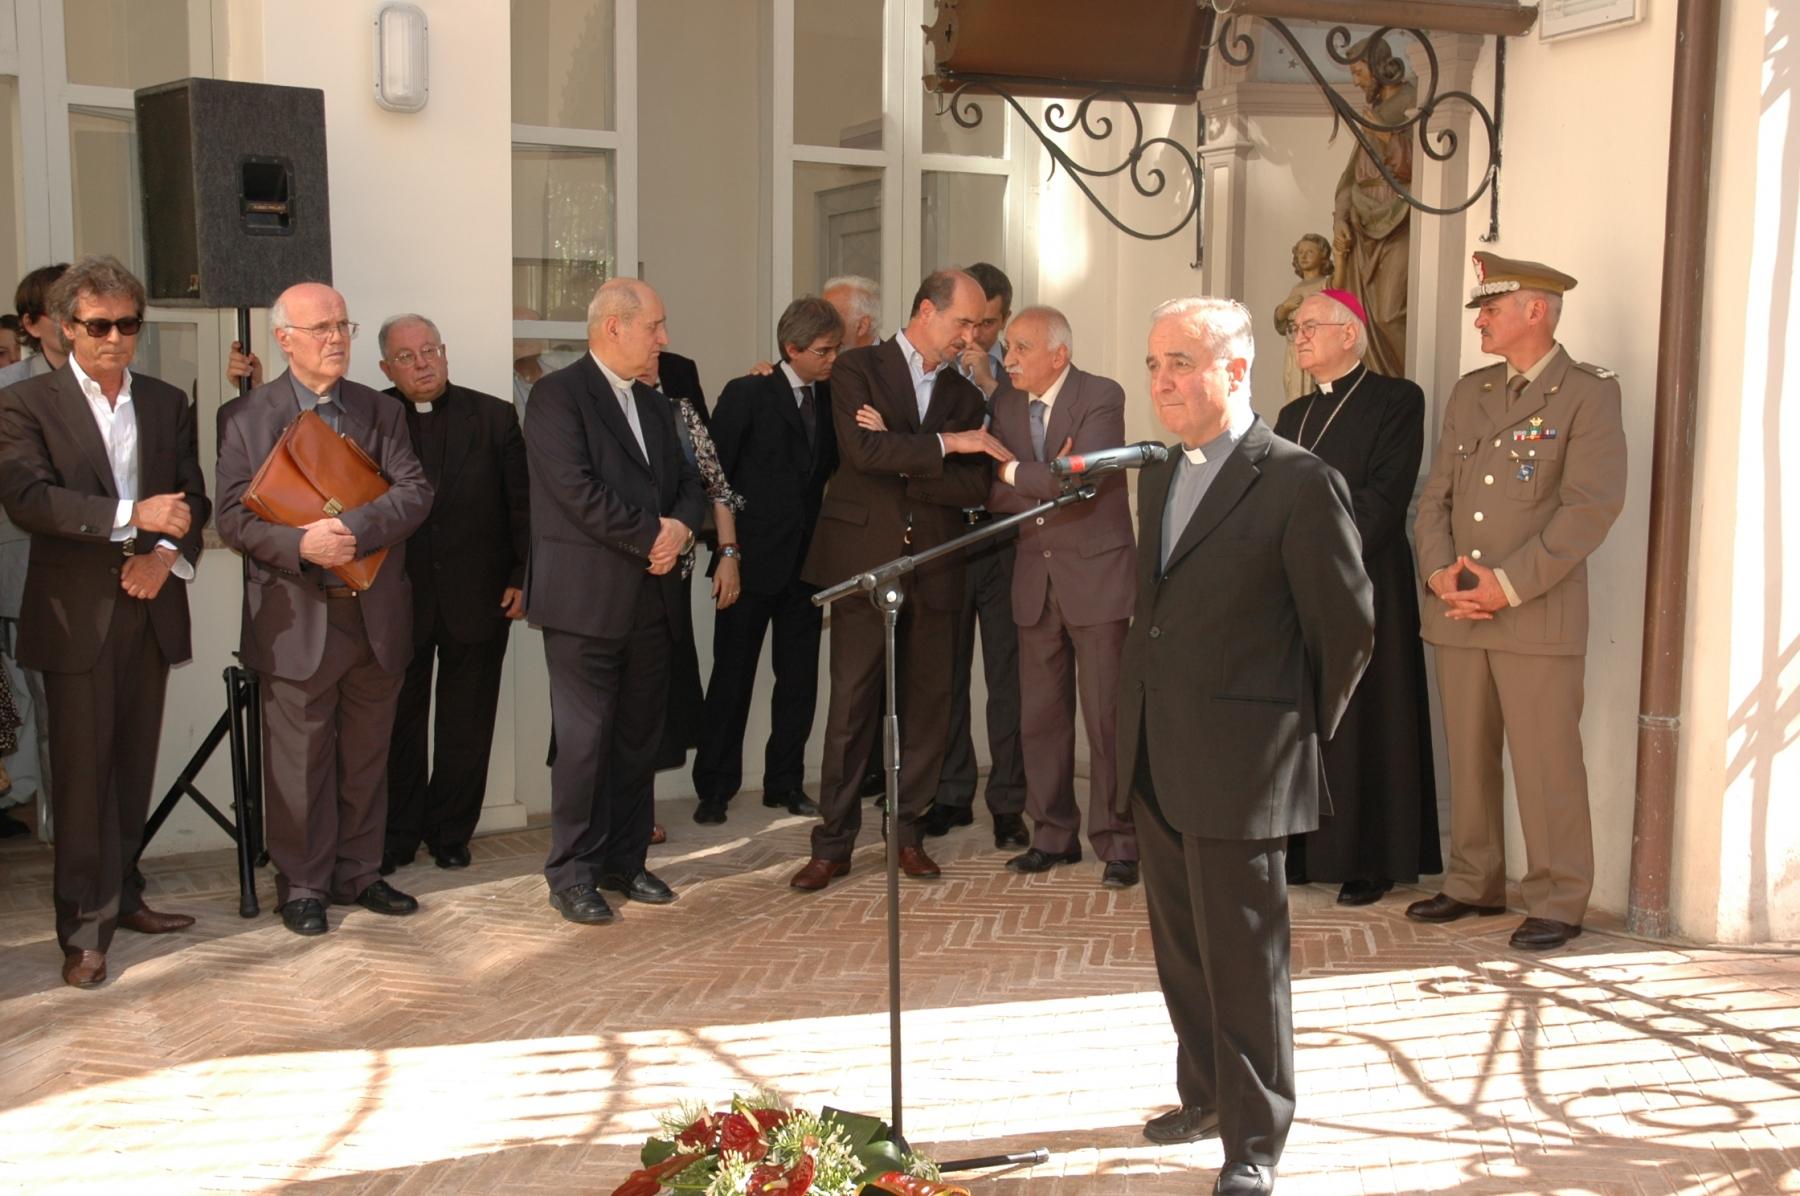 21 giugno 2008. Sergio Andreoli, direttore dell'Archivio diocesano